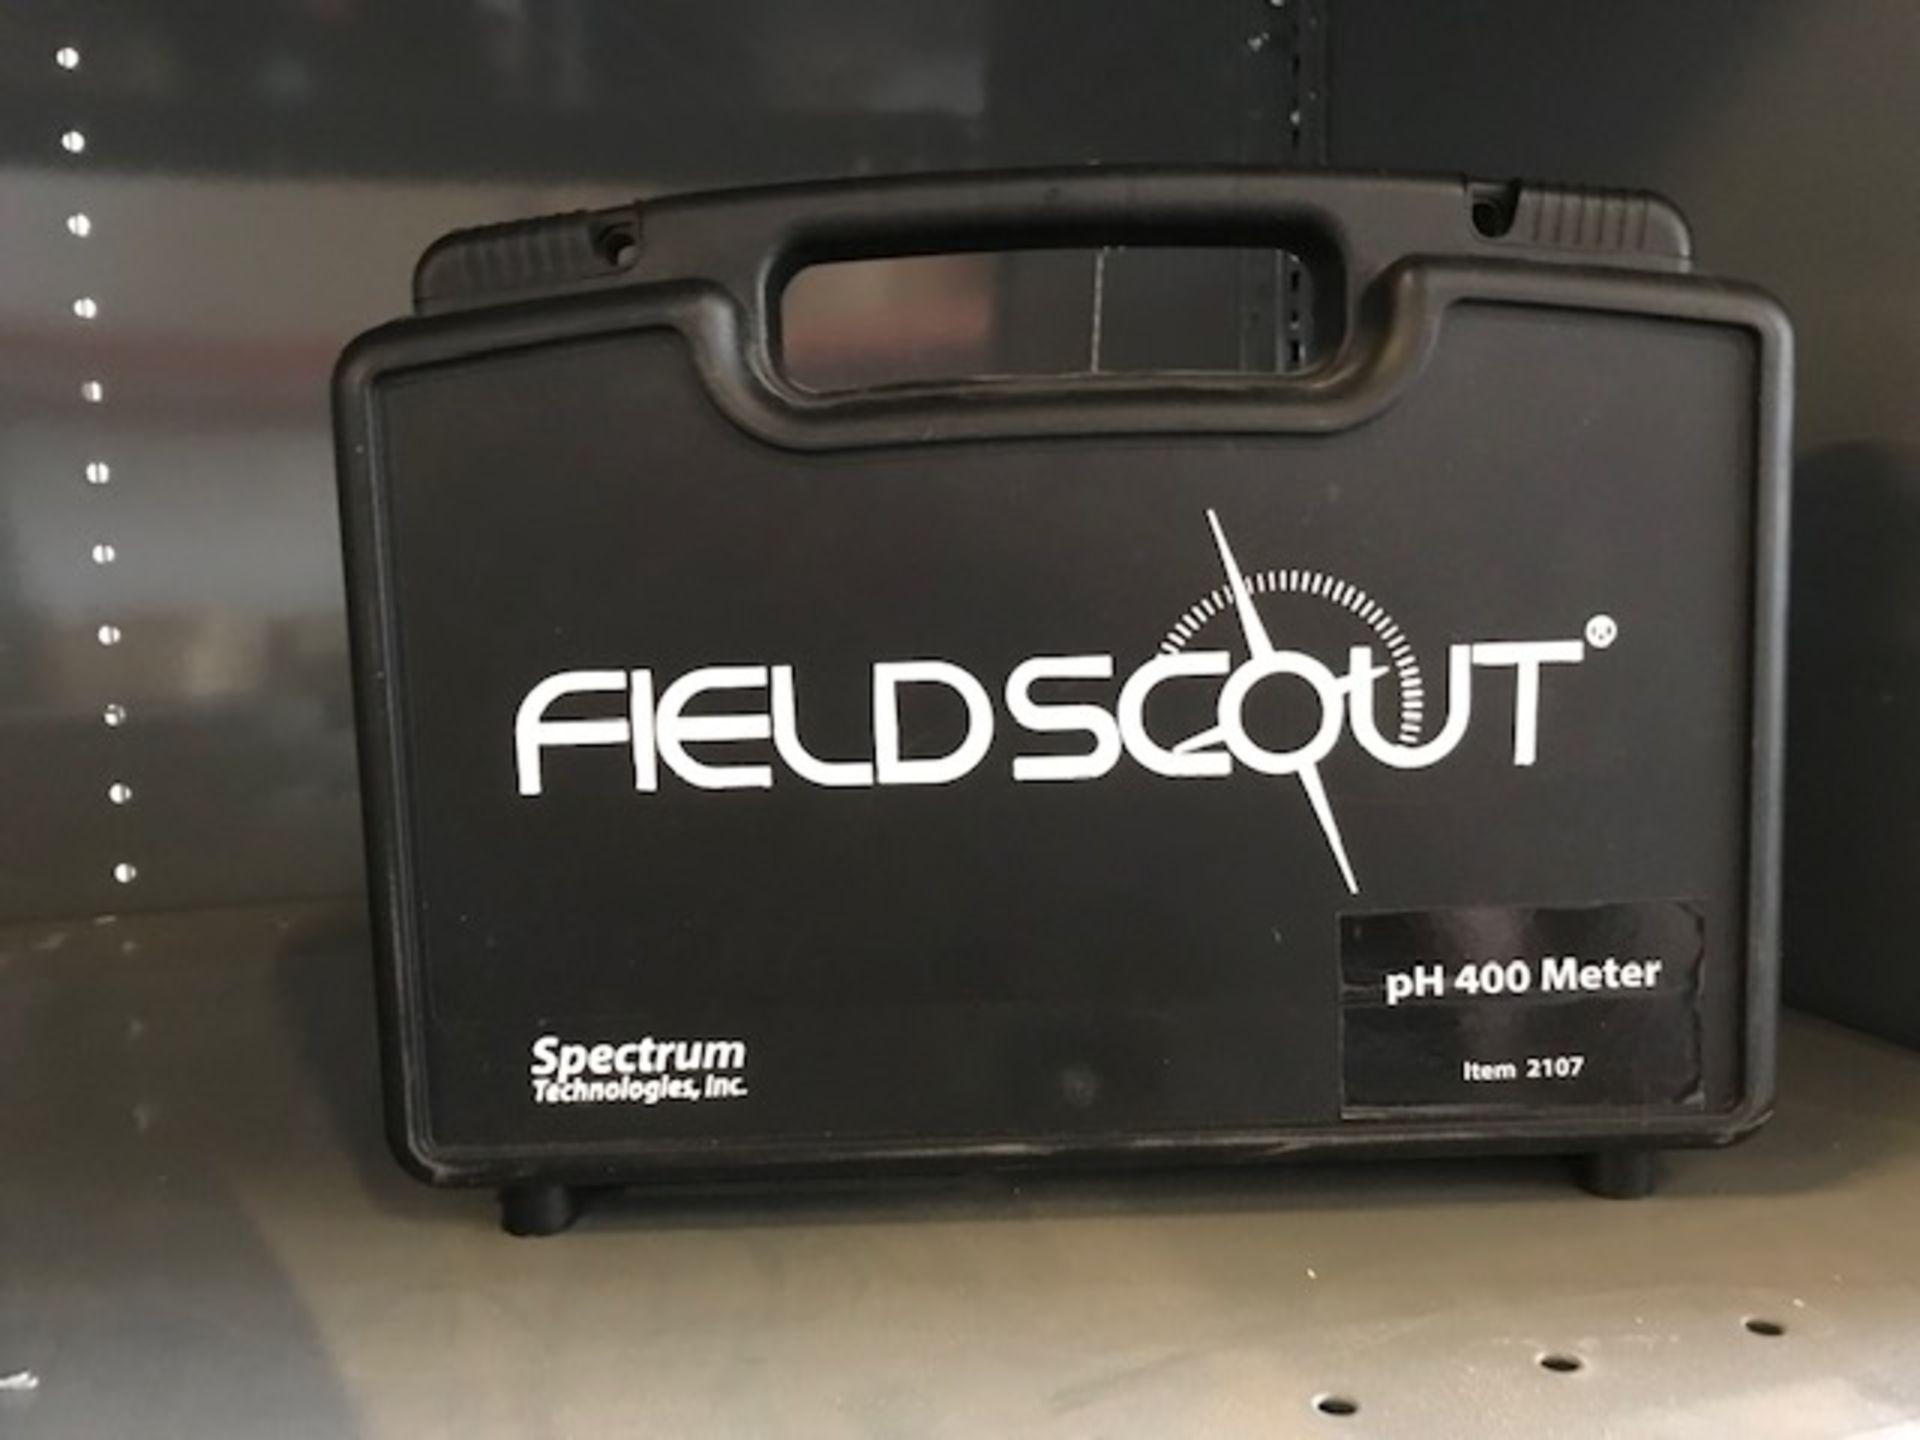 FieldScount PH400 Meter - BROKEN - Qty. 2 - Image 3 of 3